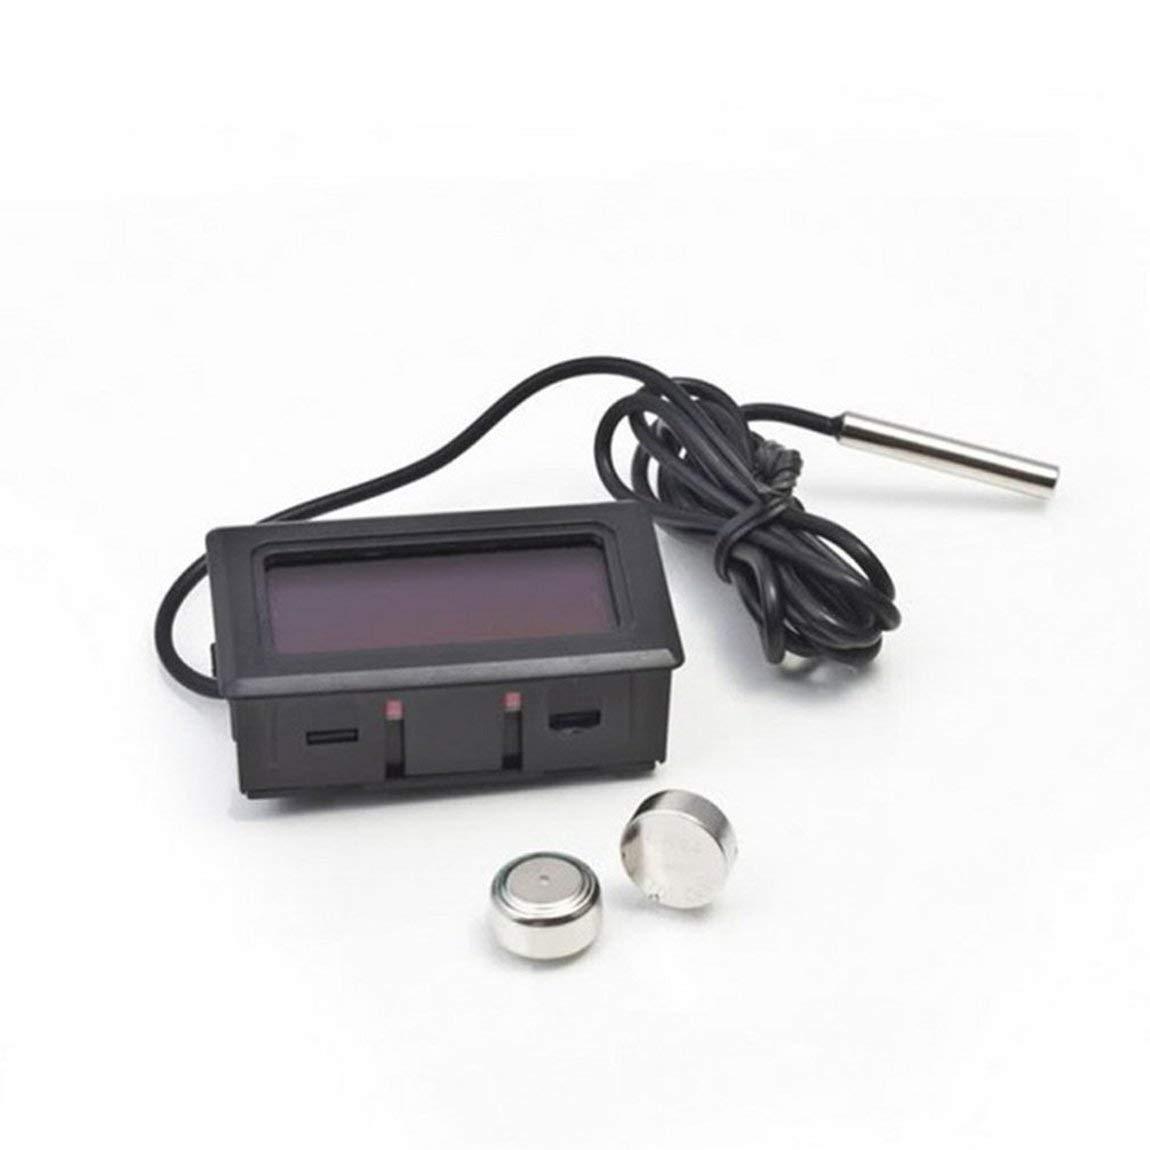 Colore: Nero 73JohnPol Termometro Digitale elettronico Portatile Portatile con Schermo LCD per Frigorifero//congelatore//Acquario//Temperatura Serbatoio di Pesce